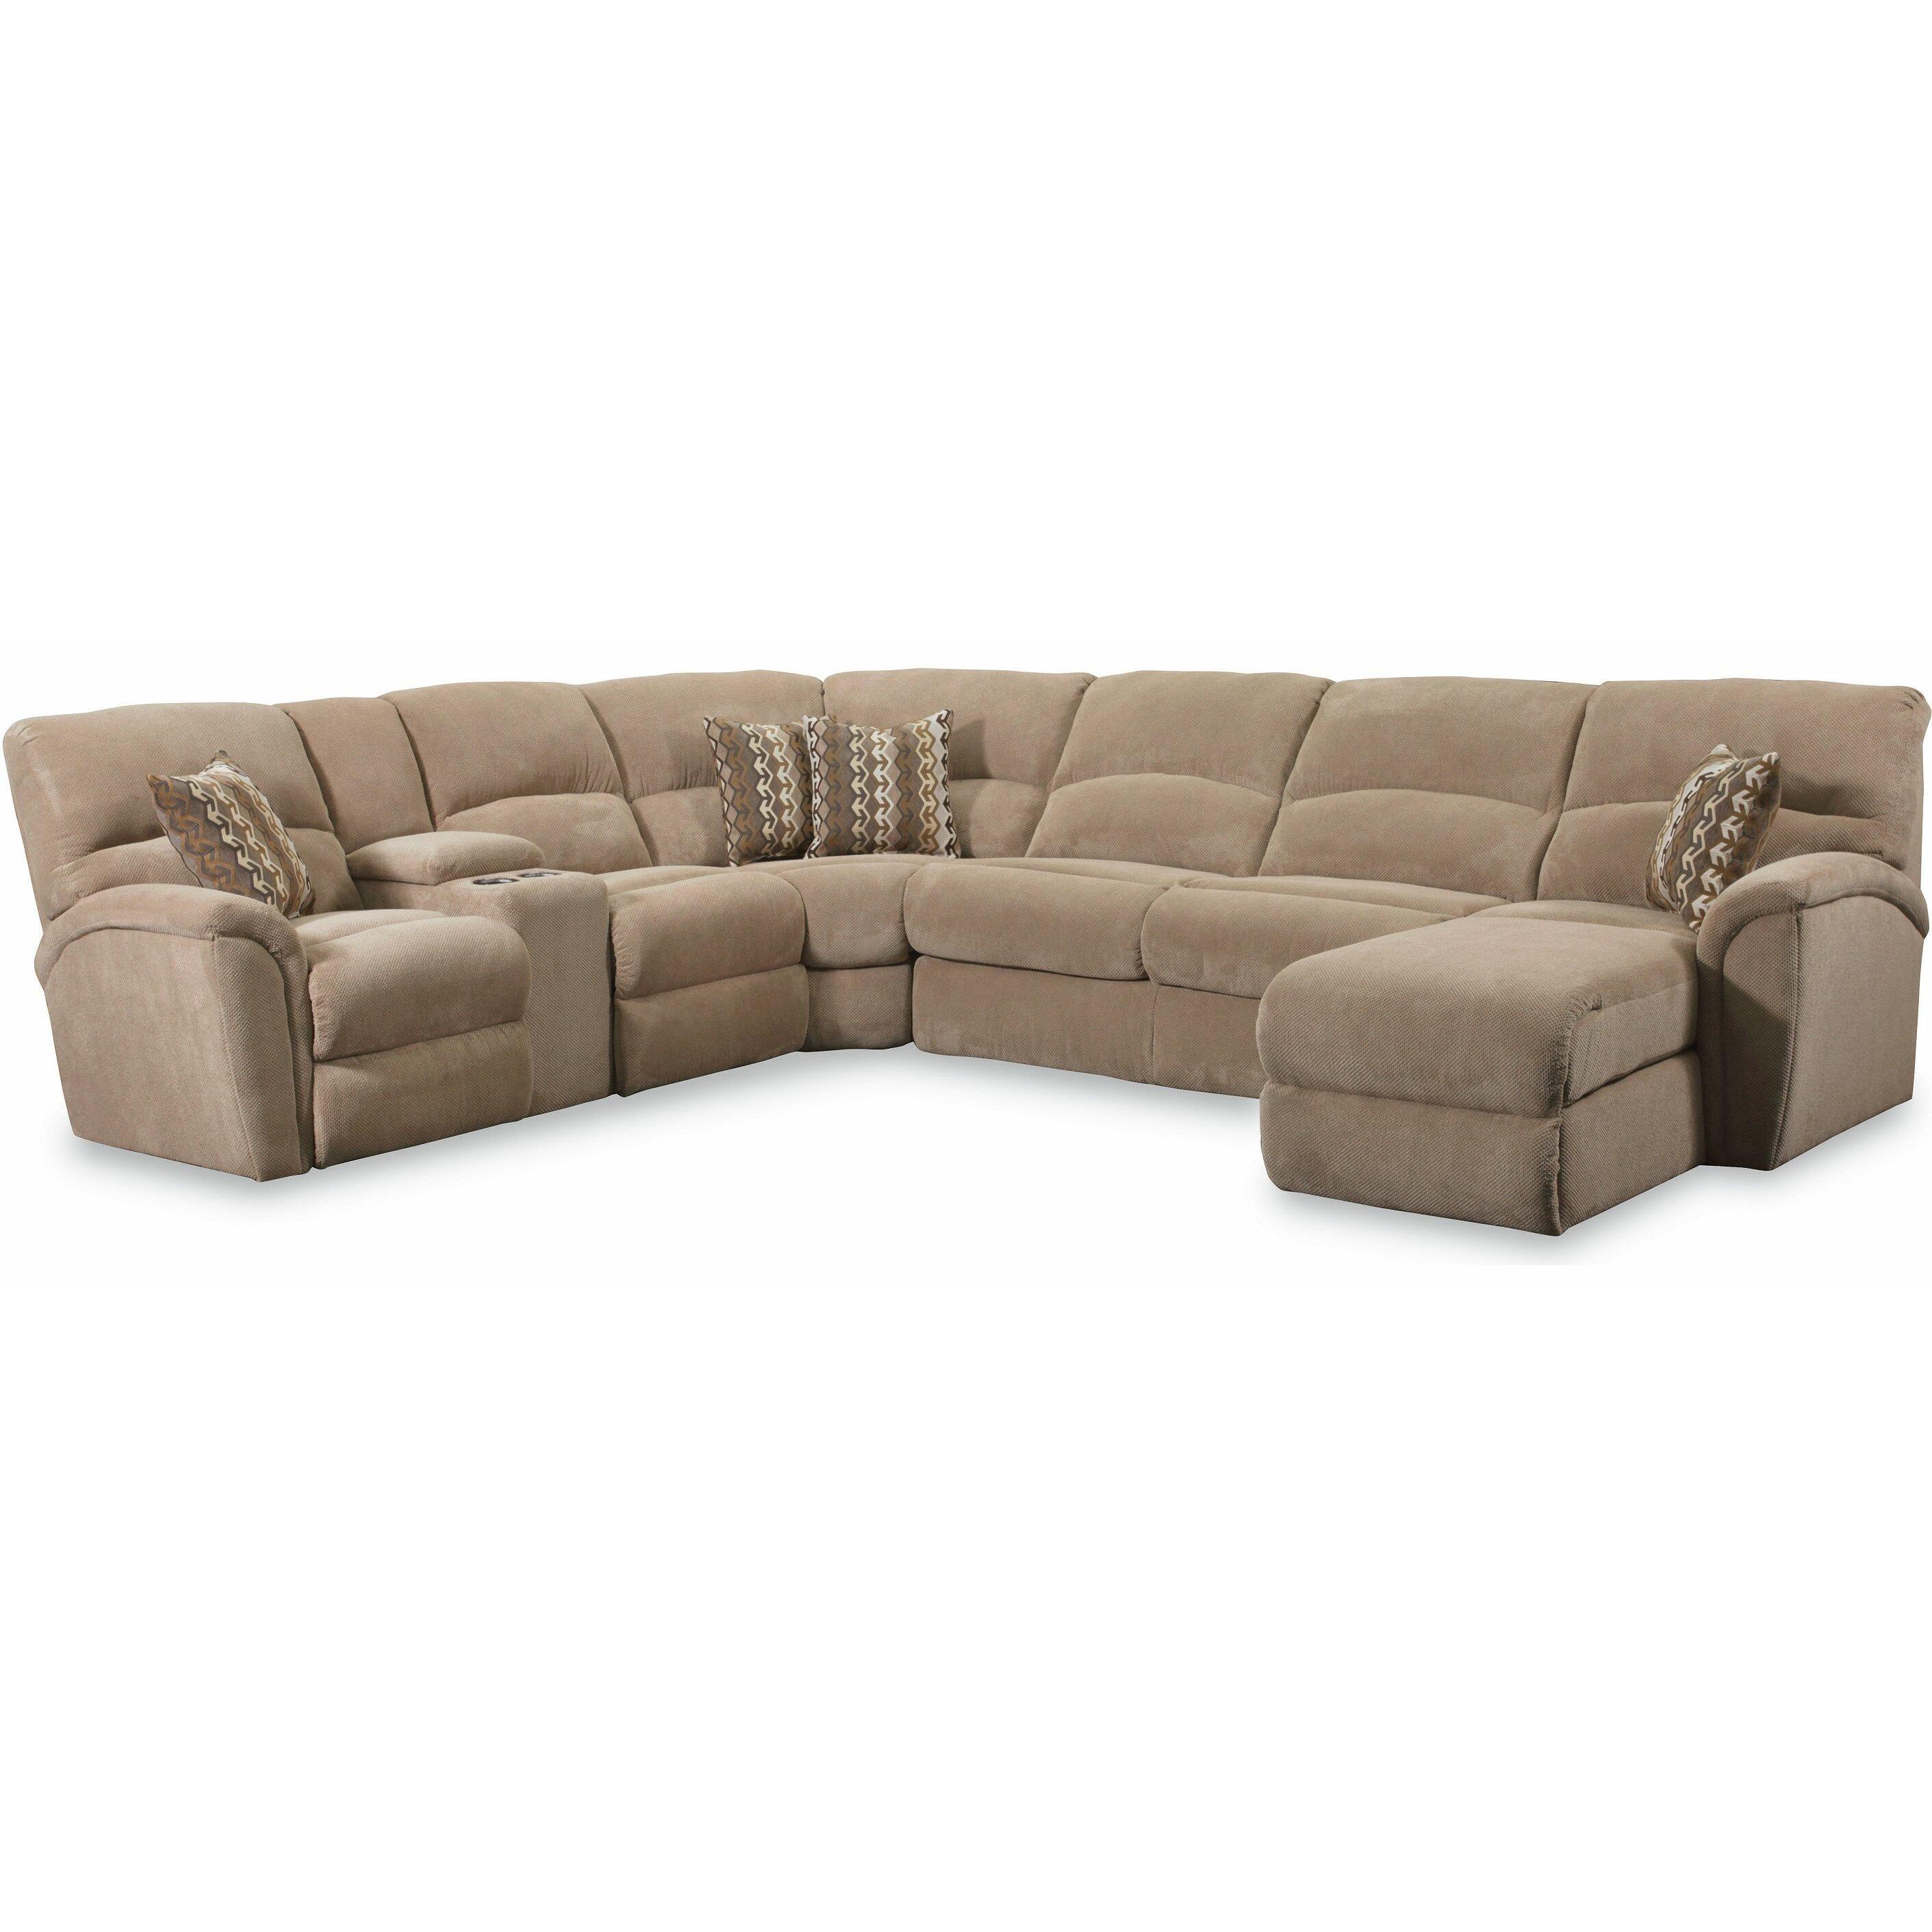 ... jedd fabric reclining sectional sofa · reclining sectionals you ll love wayfair ...  sc 1 st  Helen Mirren : jedd sectional - Sectionals, Sofas & Couches